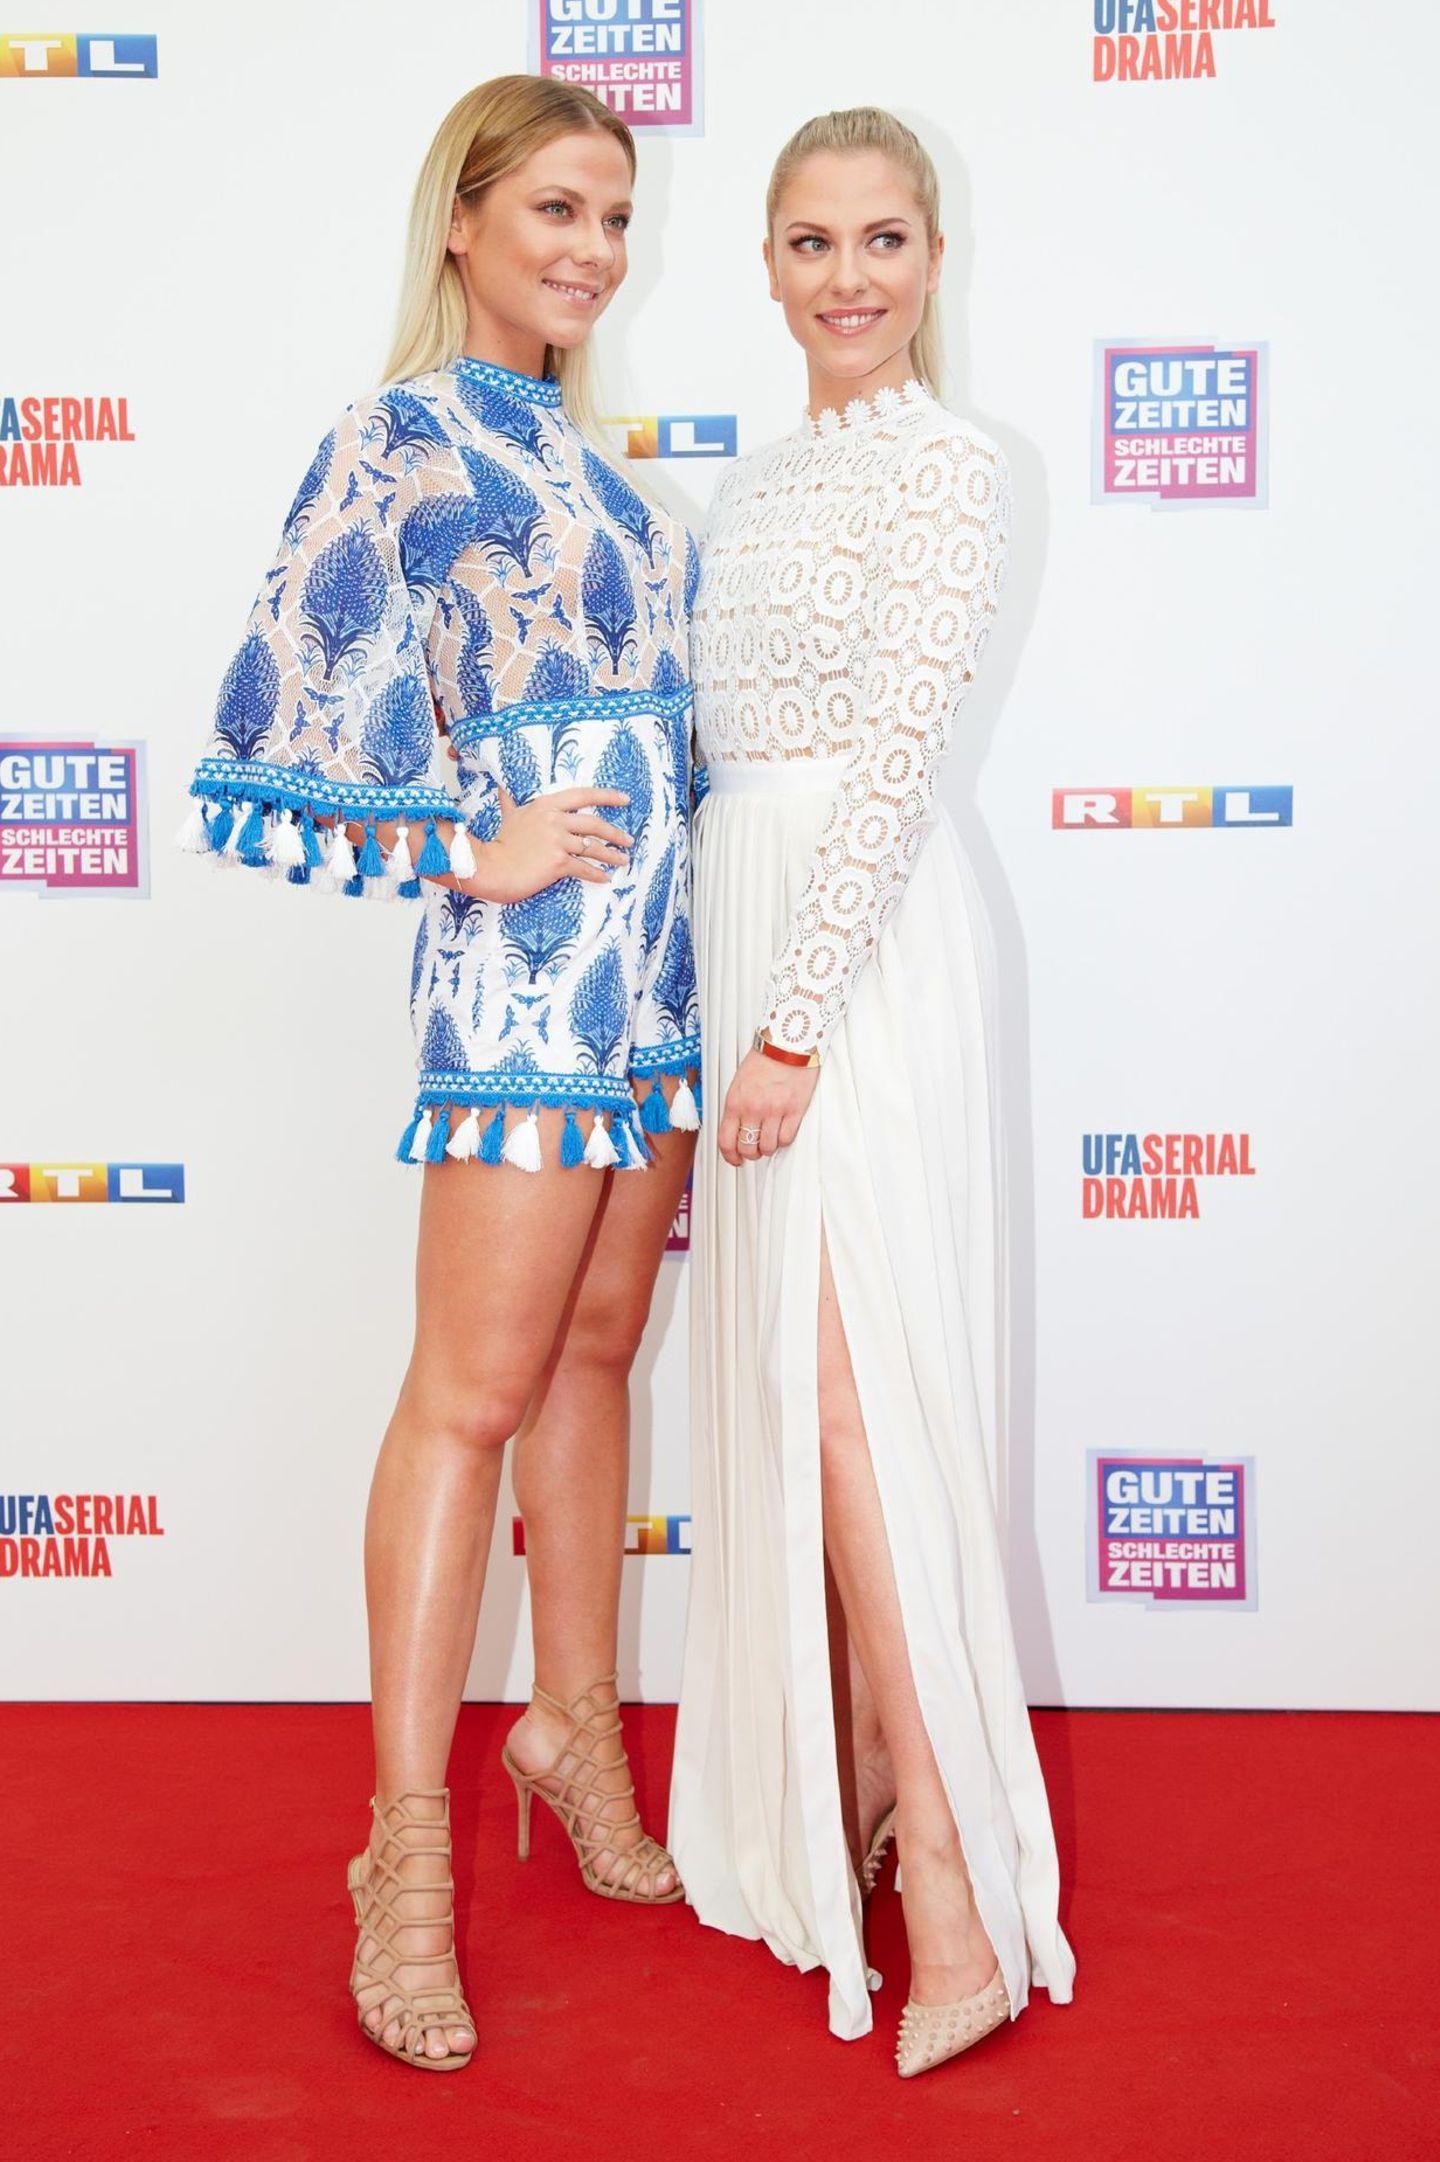 """Das doppelte Lottchen in der Glamourversion: Valentina Pahde (rechts) alias """"Sunny"""" bekommt auf dem roten Teppich Unterstützung von ihrer Zwillingsschwester Cheyenne, die einen Jumpsuit mit Fransen und blauem Muster trägt. Valentina hat sich für ein weißes Kleid des Labels """"Selfportrait"""" entschieden."""